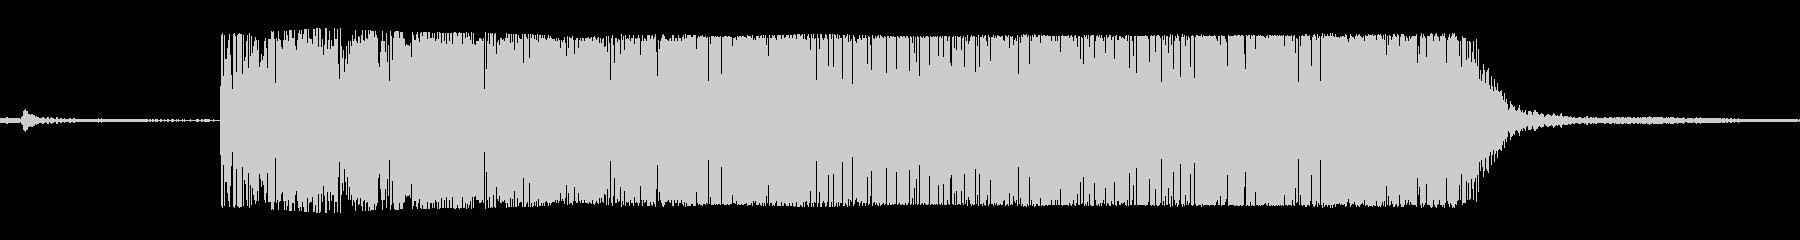 ギターメタルパワーコードhの未再生の波形